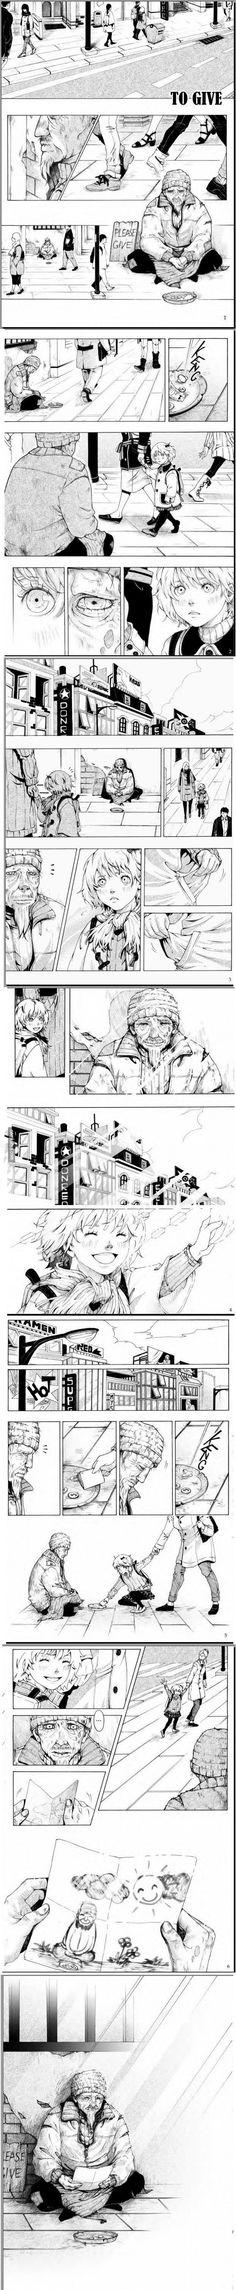 Aranyos manga képregény